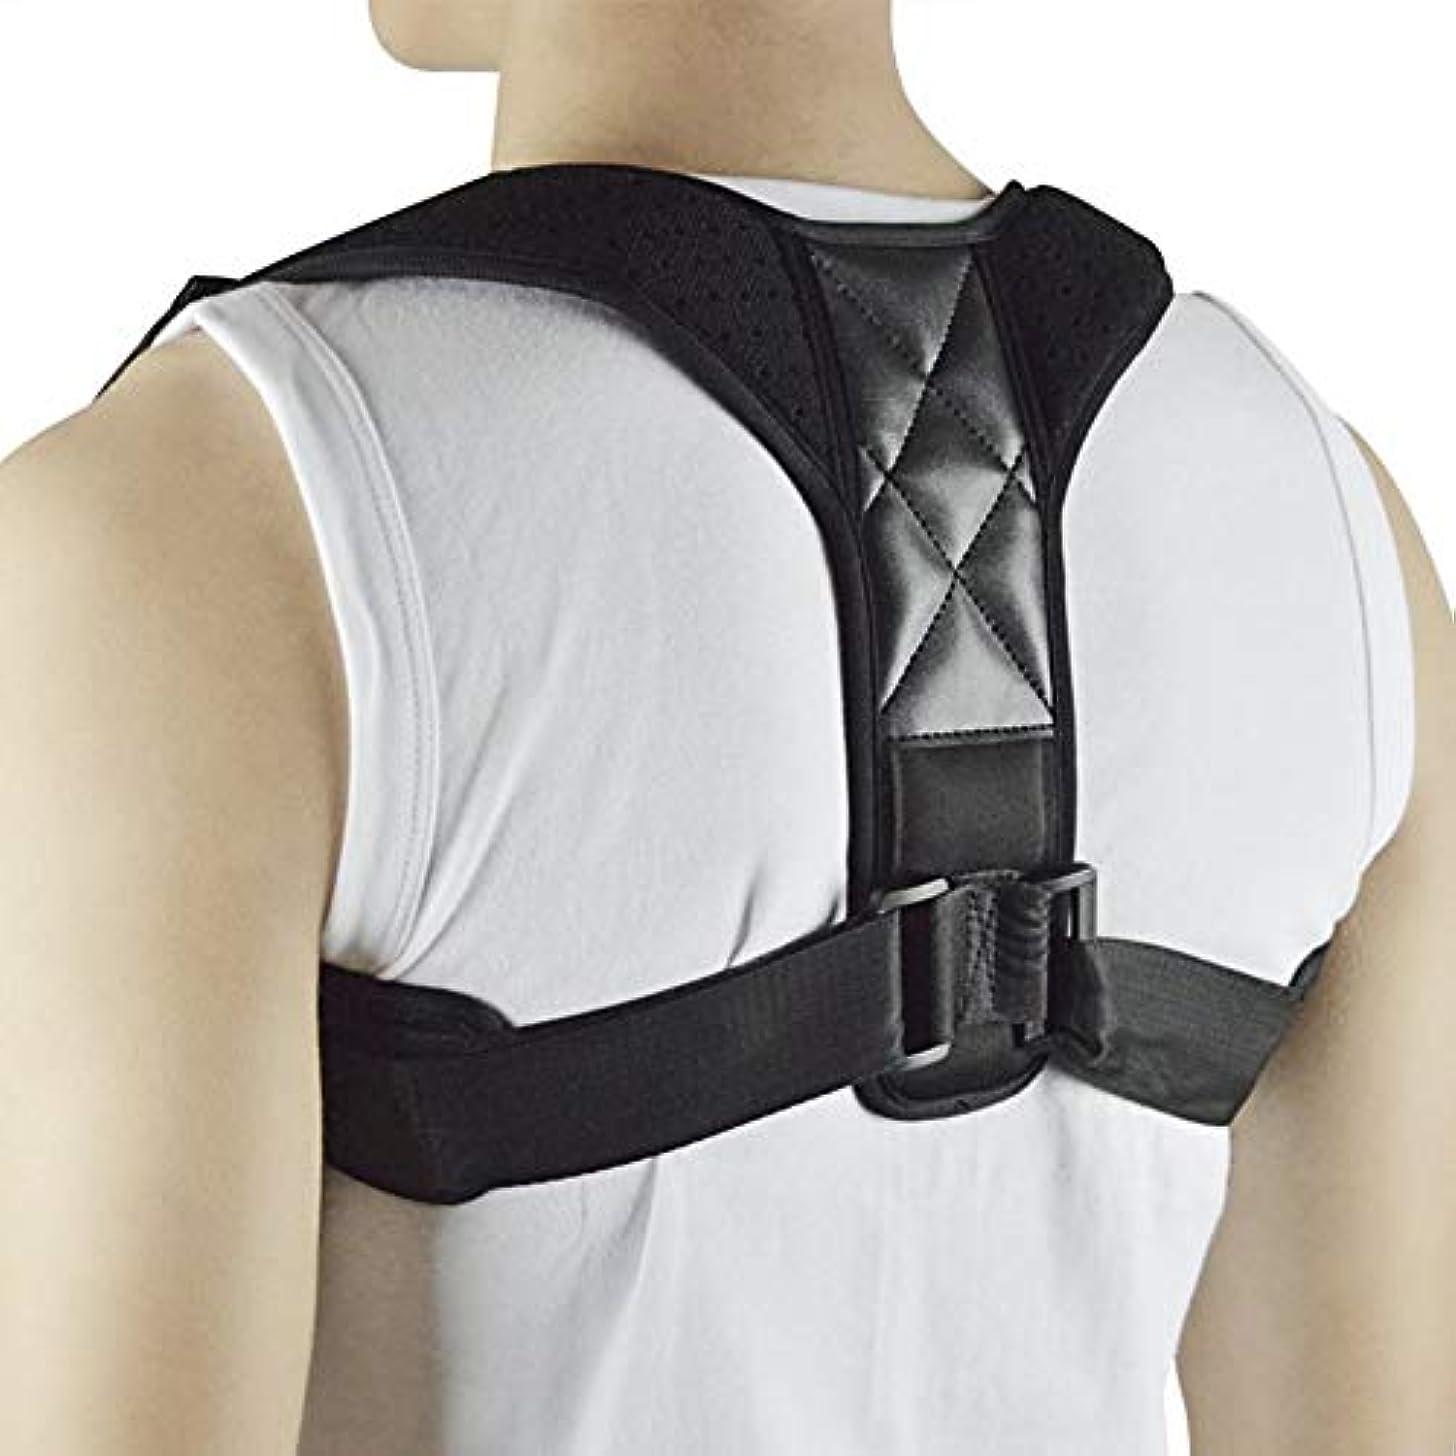 警告するオーラル誠意WT-C734ザトウクジラ矯正ベルト大人の脊椎背部固定子の背部矯正 - 多色アドバンス